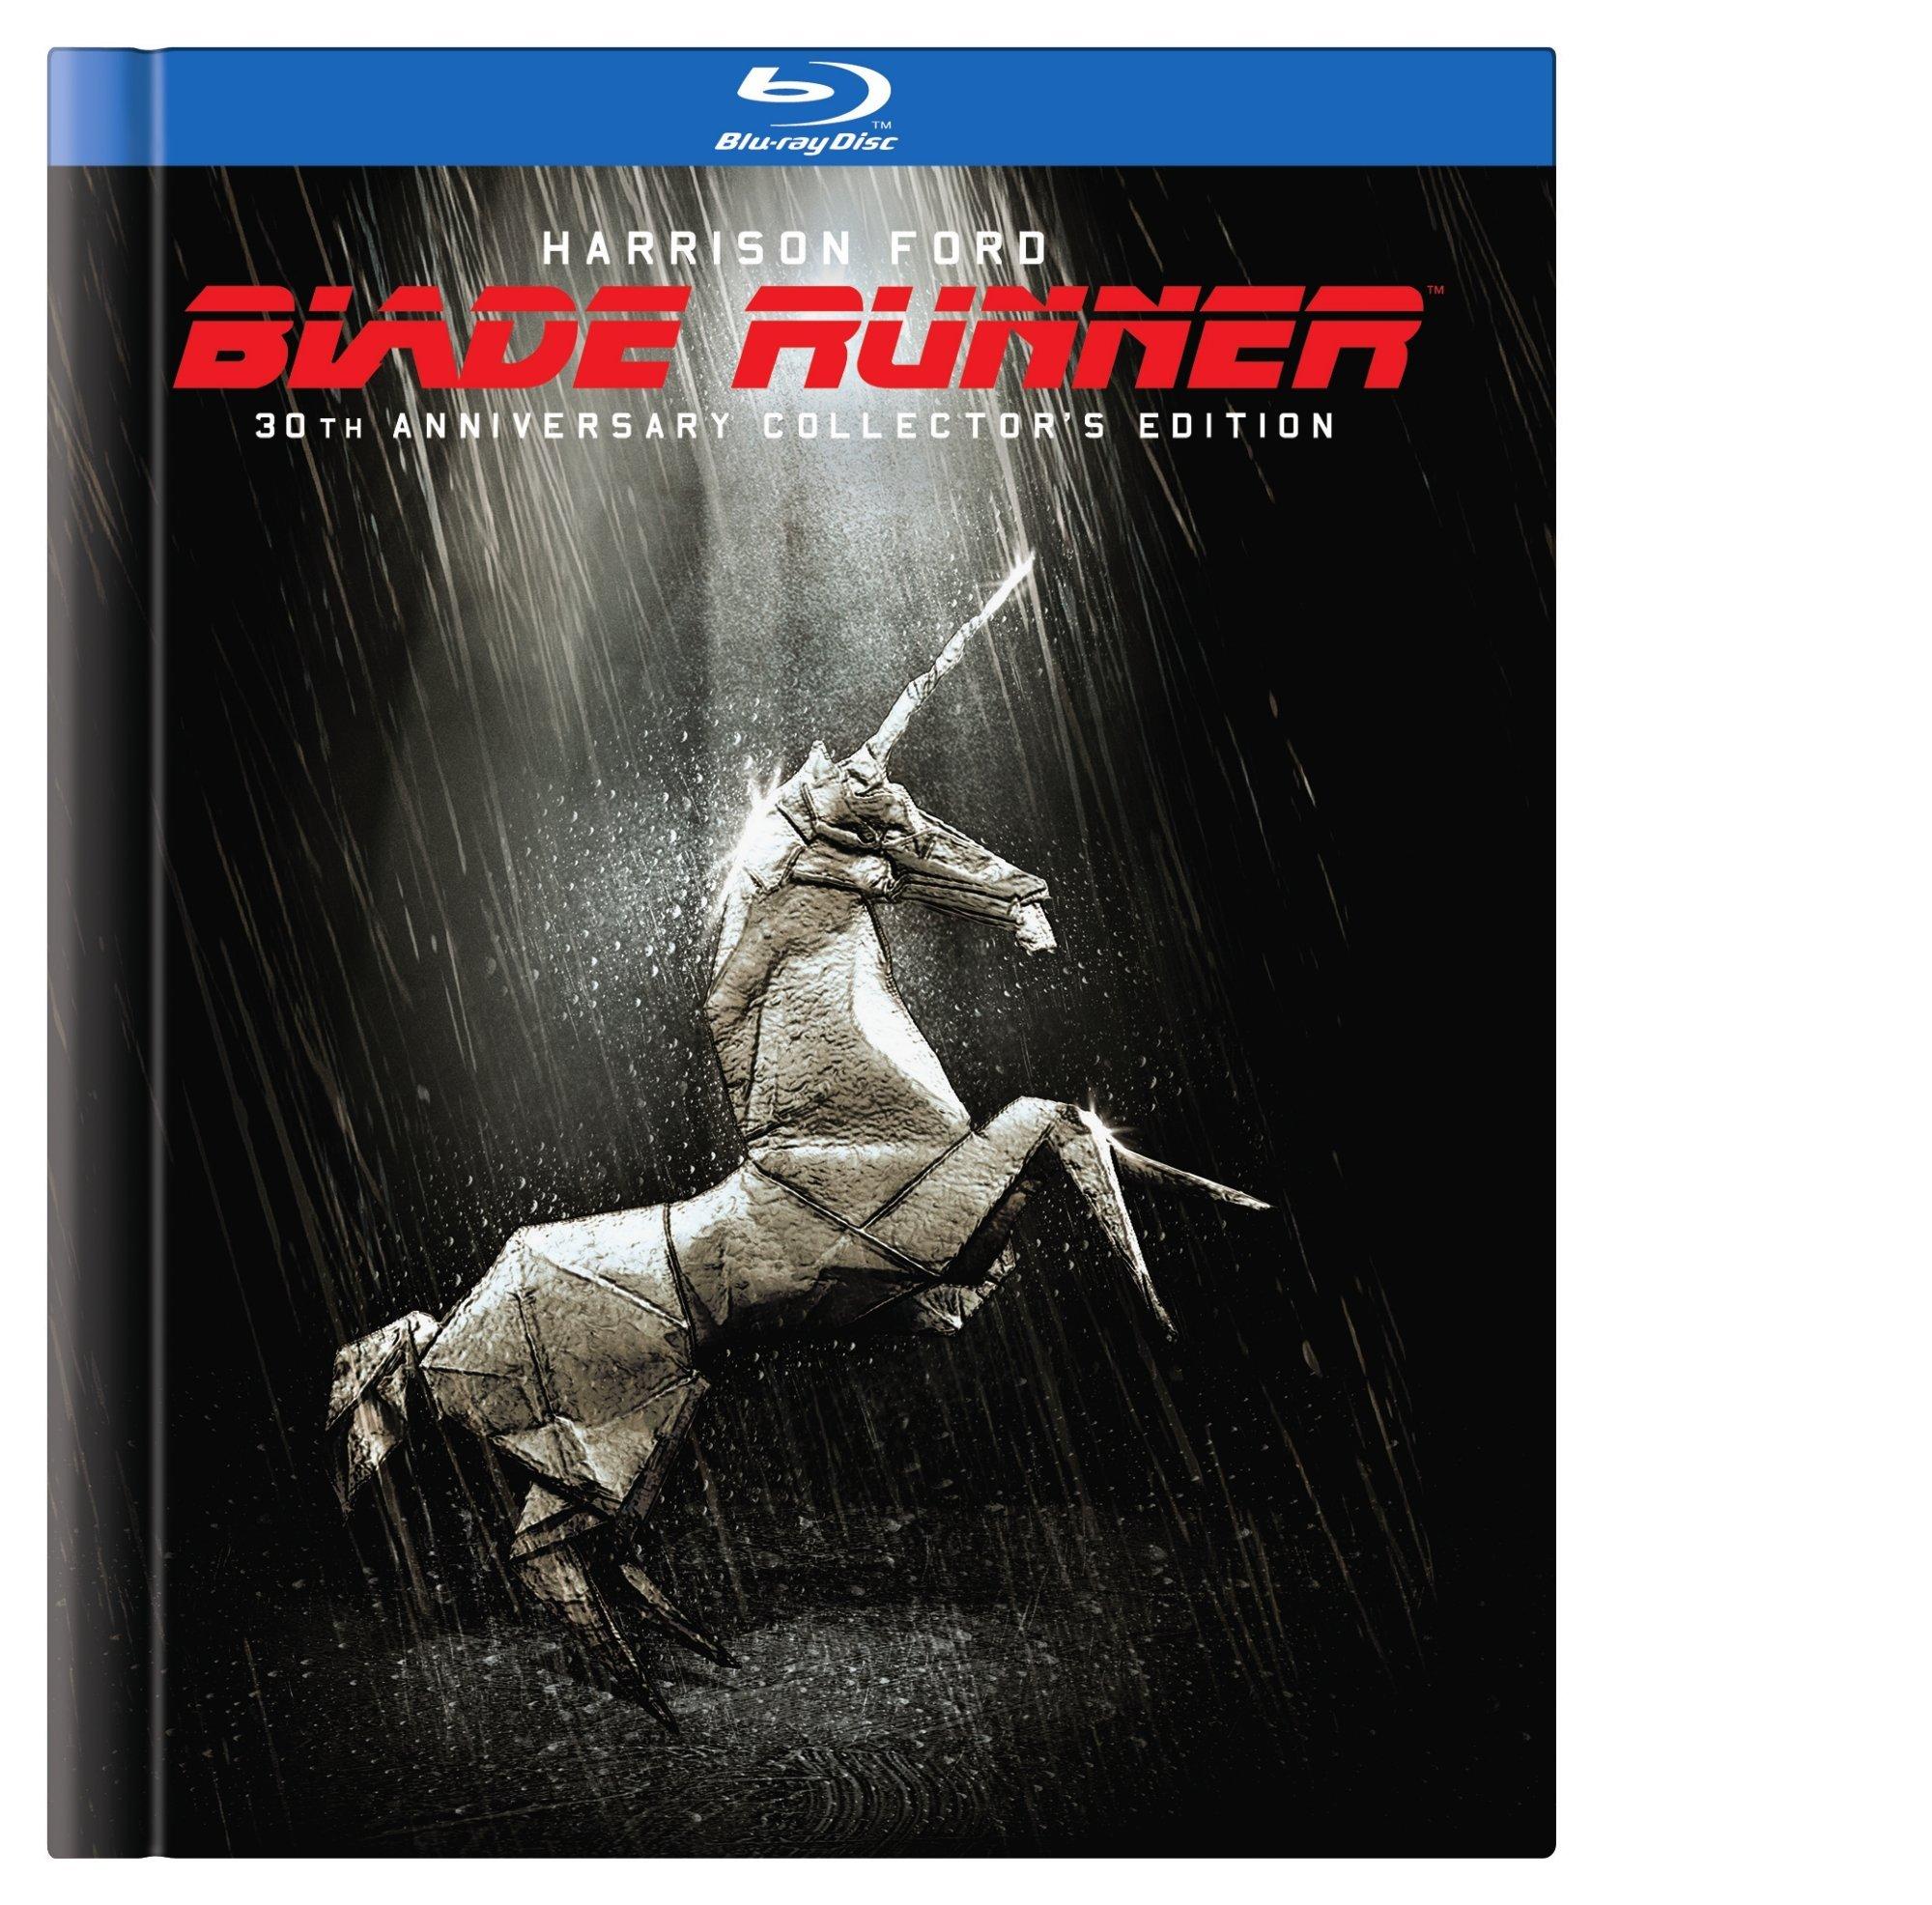 Buy Blade Runner Now!